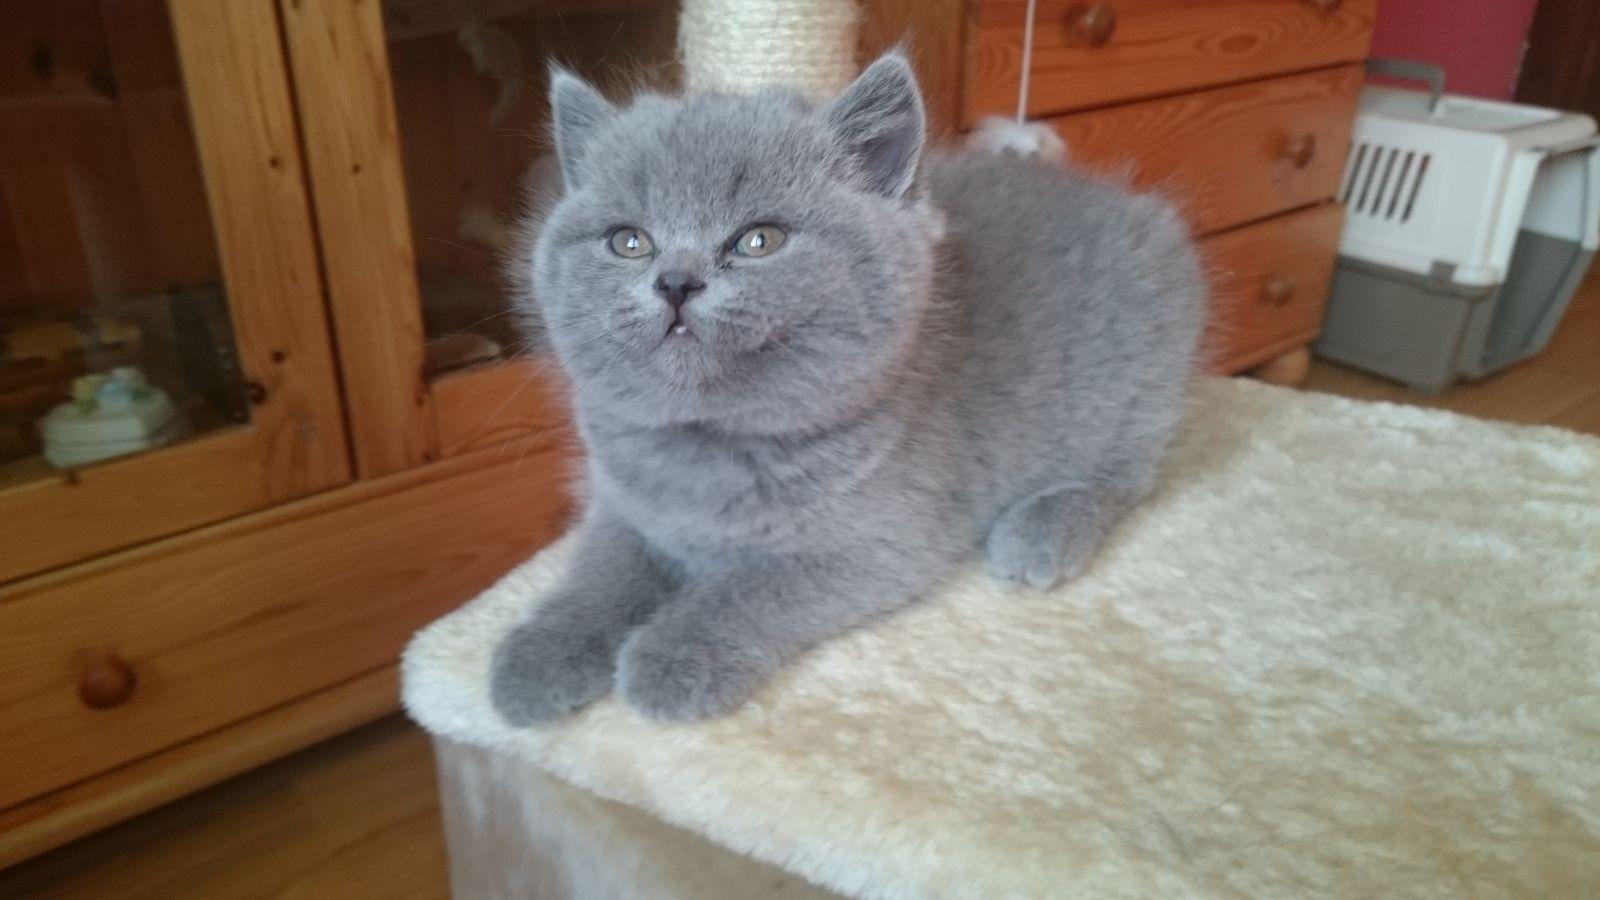 Groovy Hodowla Kot brytyjski krótkowłosy, Niekanin - Kołobrzeg OZ25